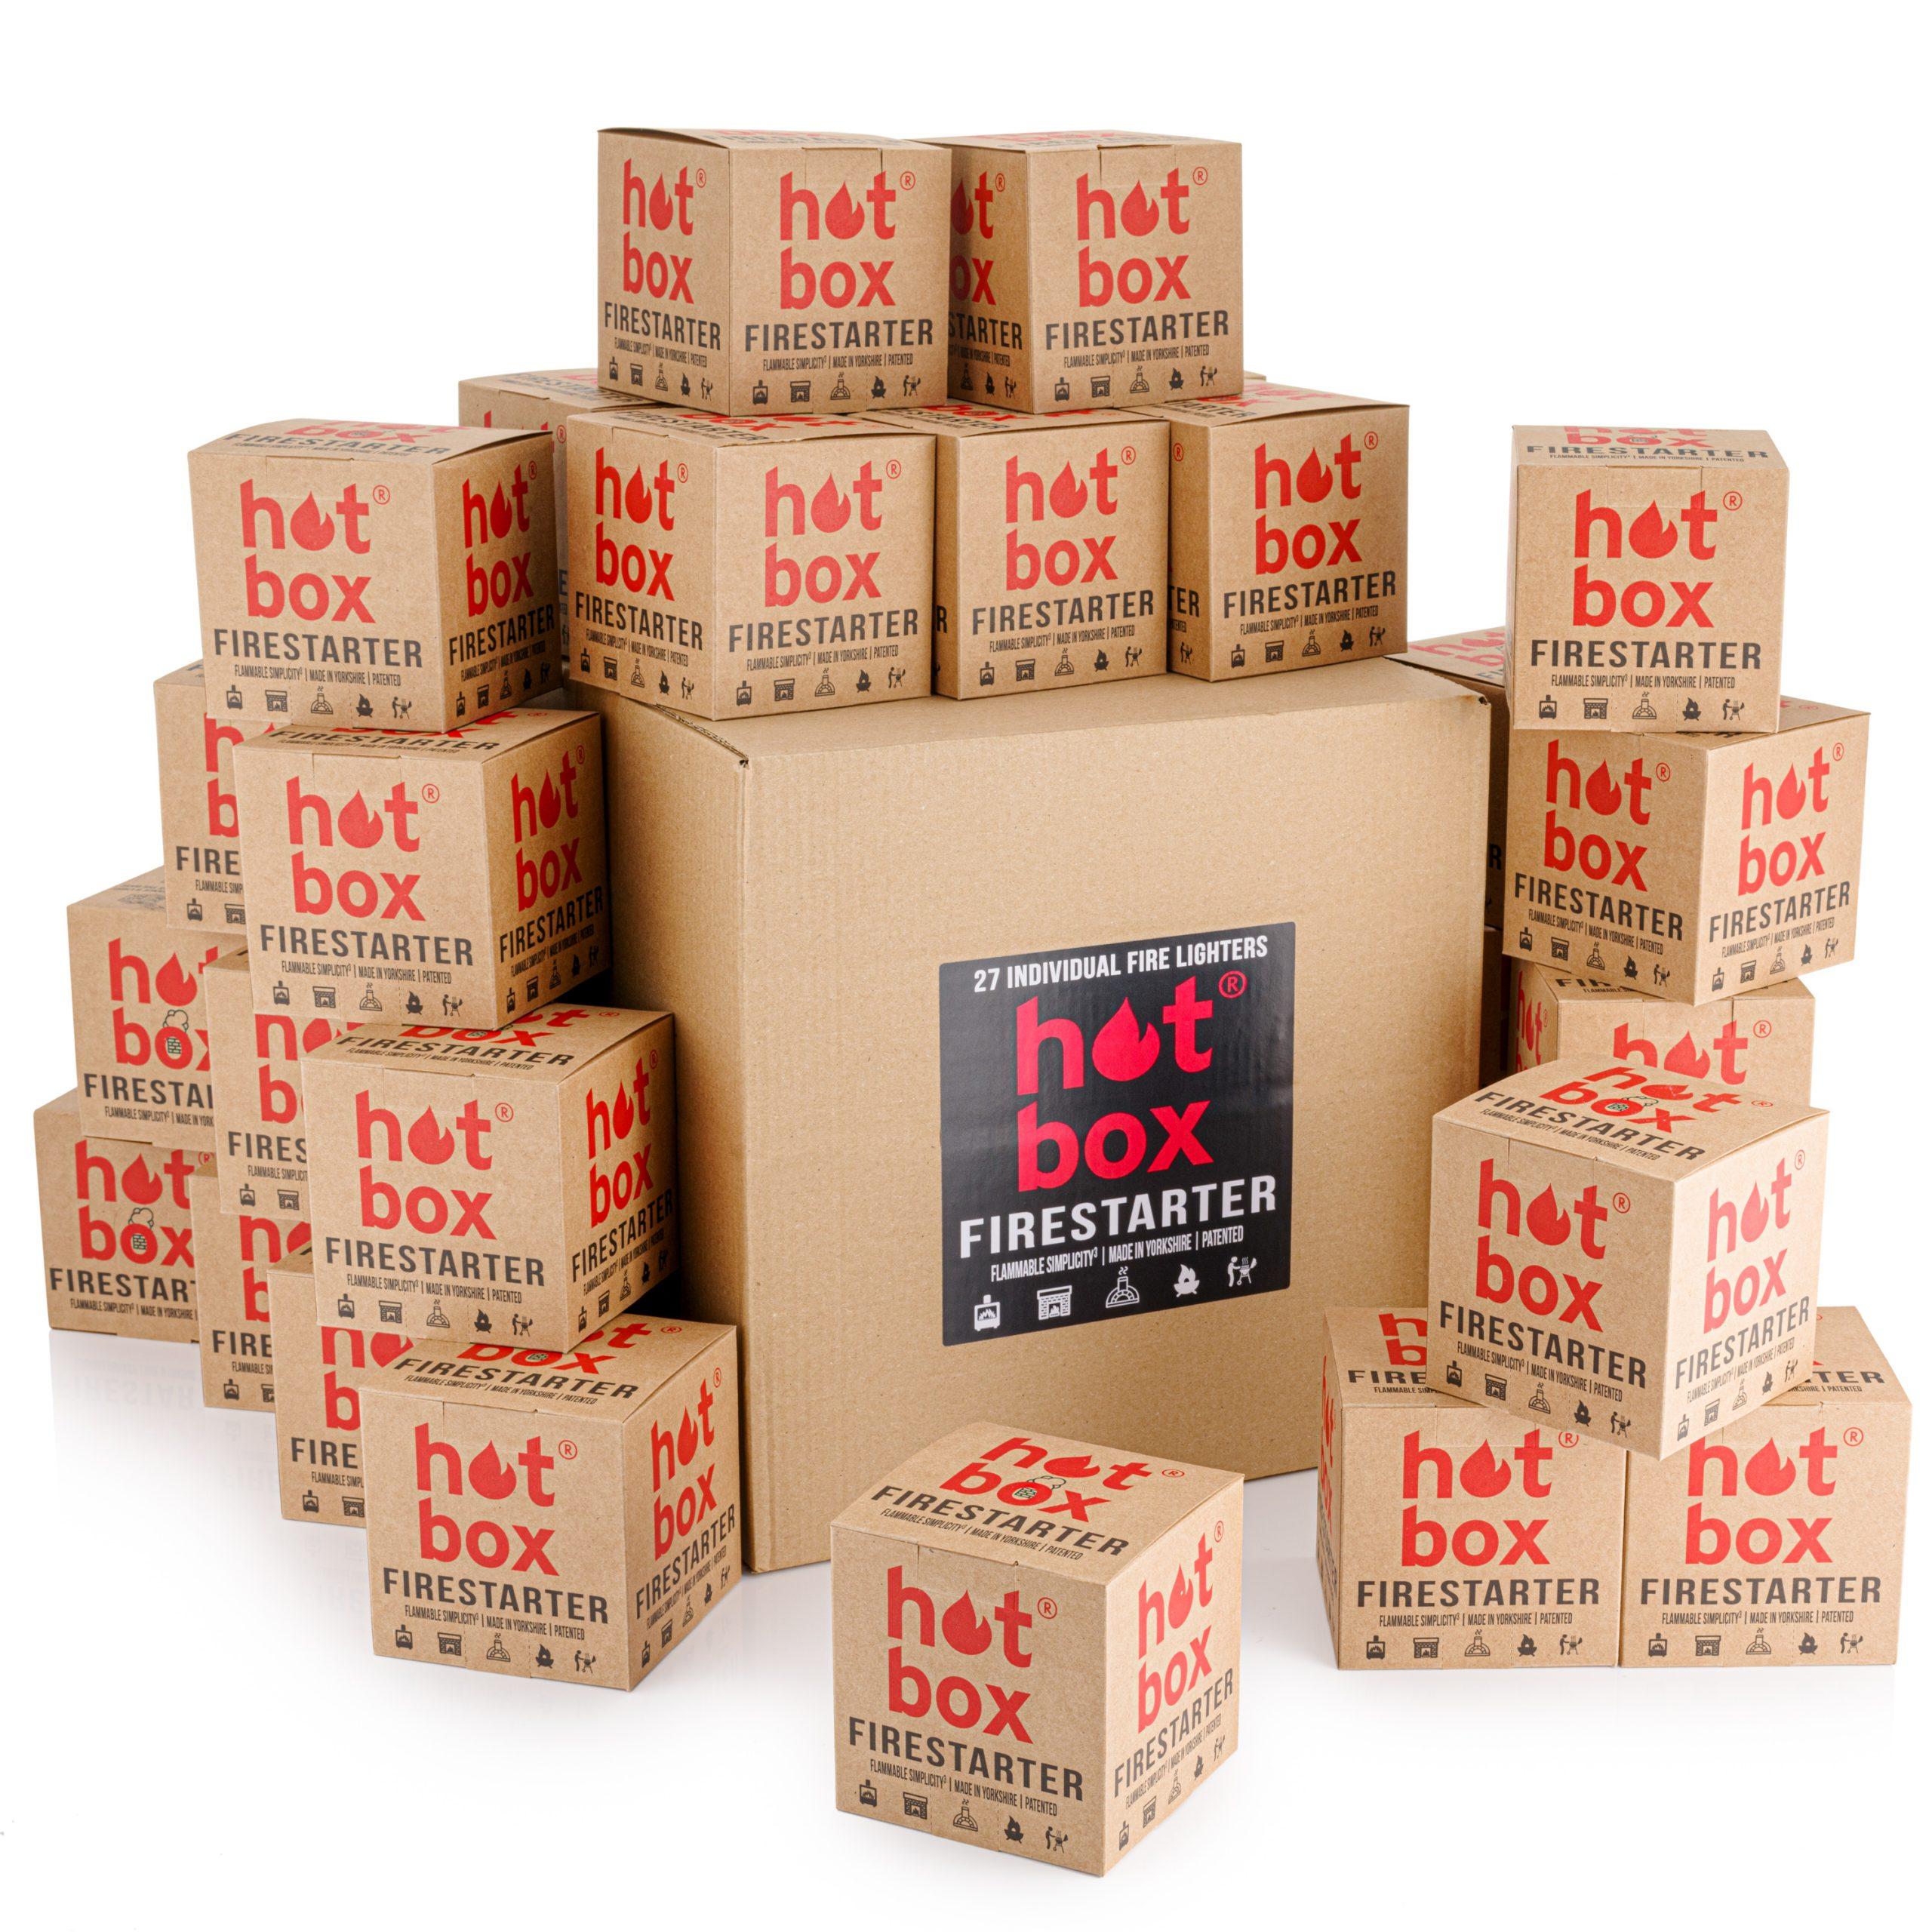 27 Individual Fire Lighters   Hot Box Firestarter